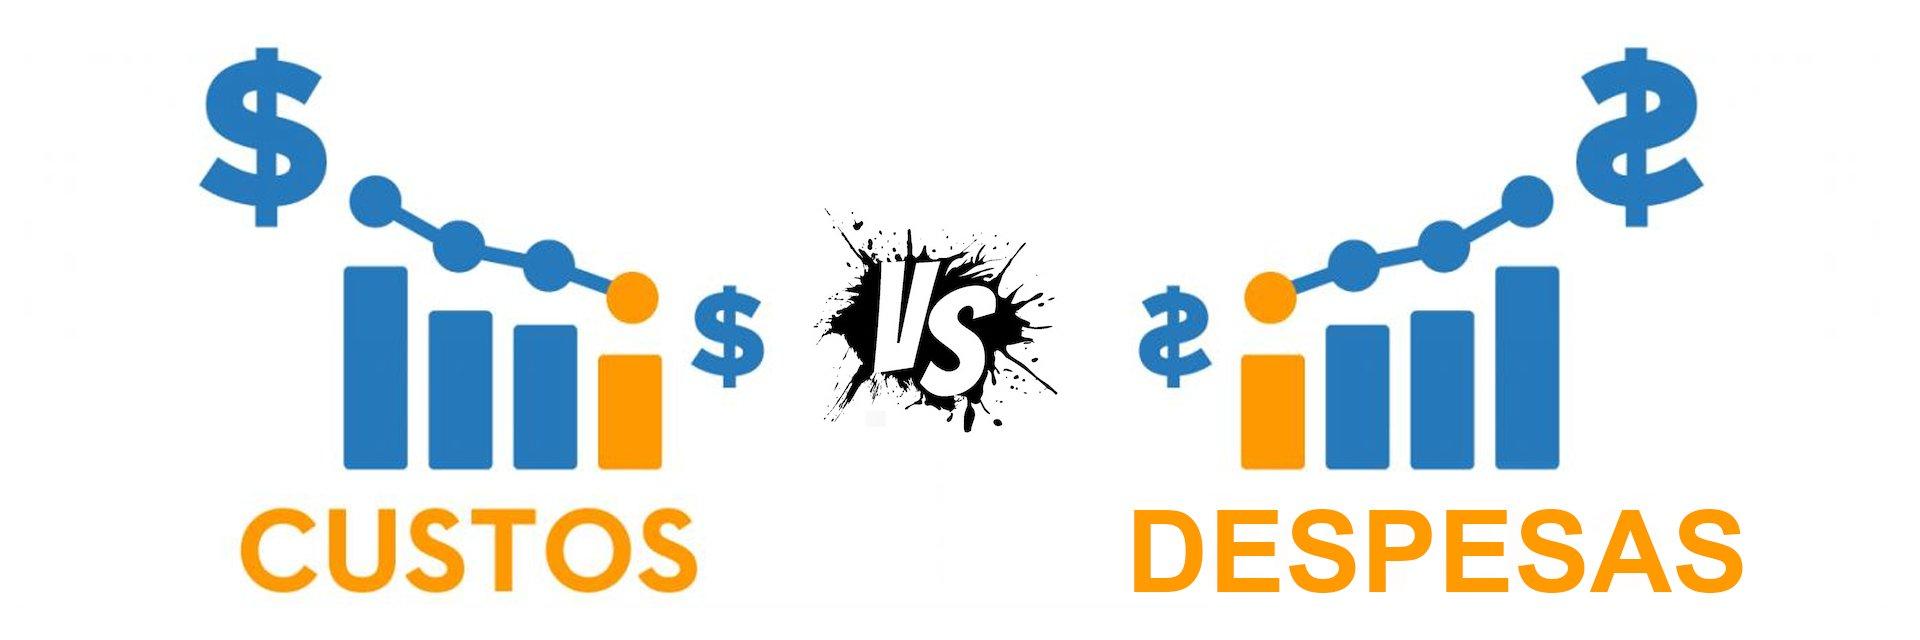 Custo Ou Despesa – Como Classificar?